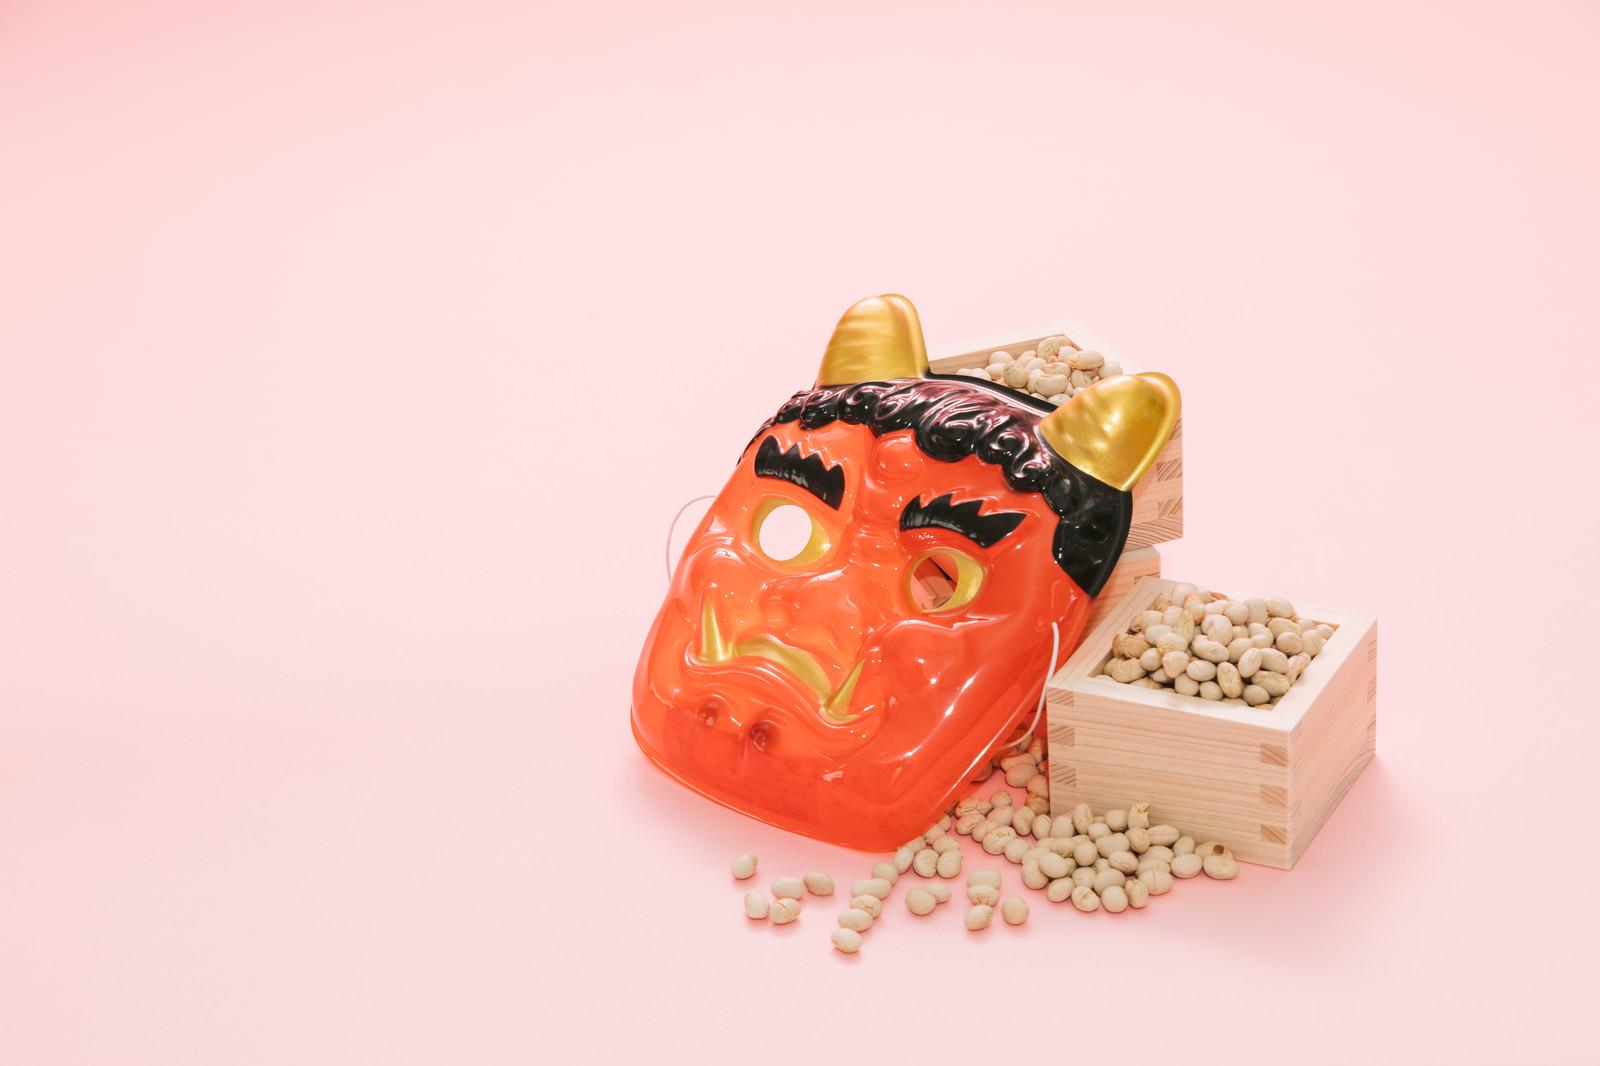 「鬼のお面と節分の豆」の写真